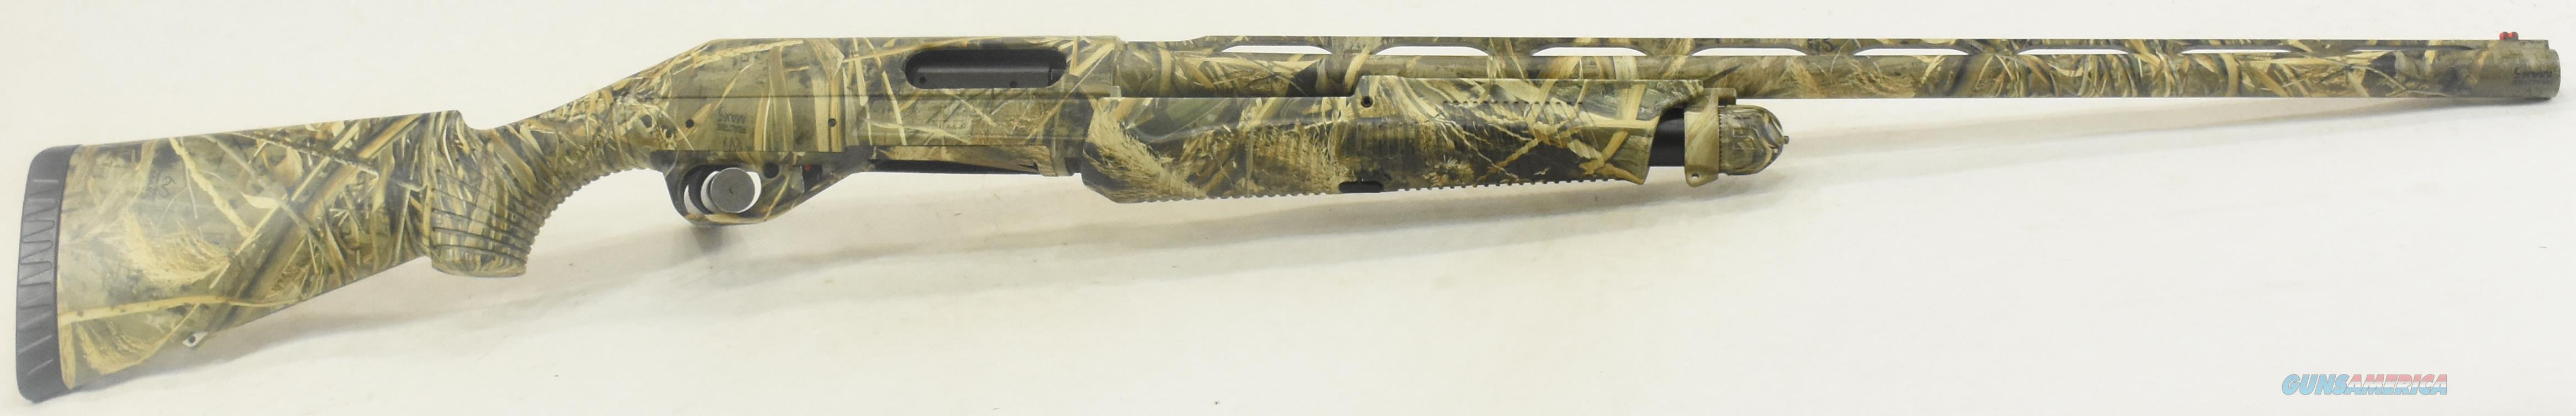 20071 Benelli Nova Pump Max-5 Camo 12 Ga 28-3.5In  Guns > Shotguns > Benelli Shotguns > Sporting